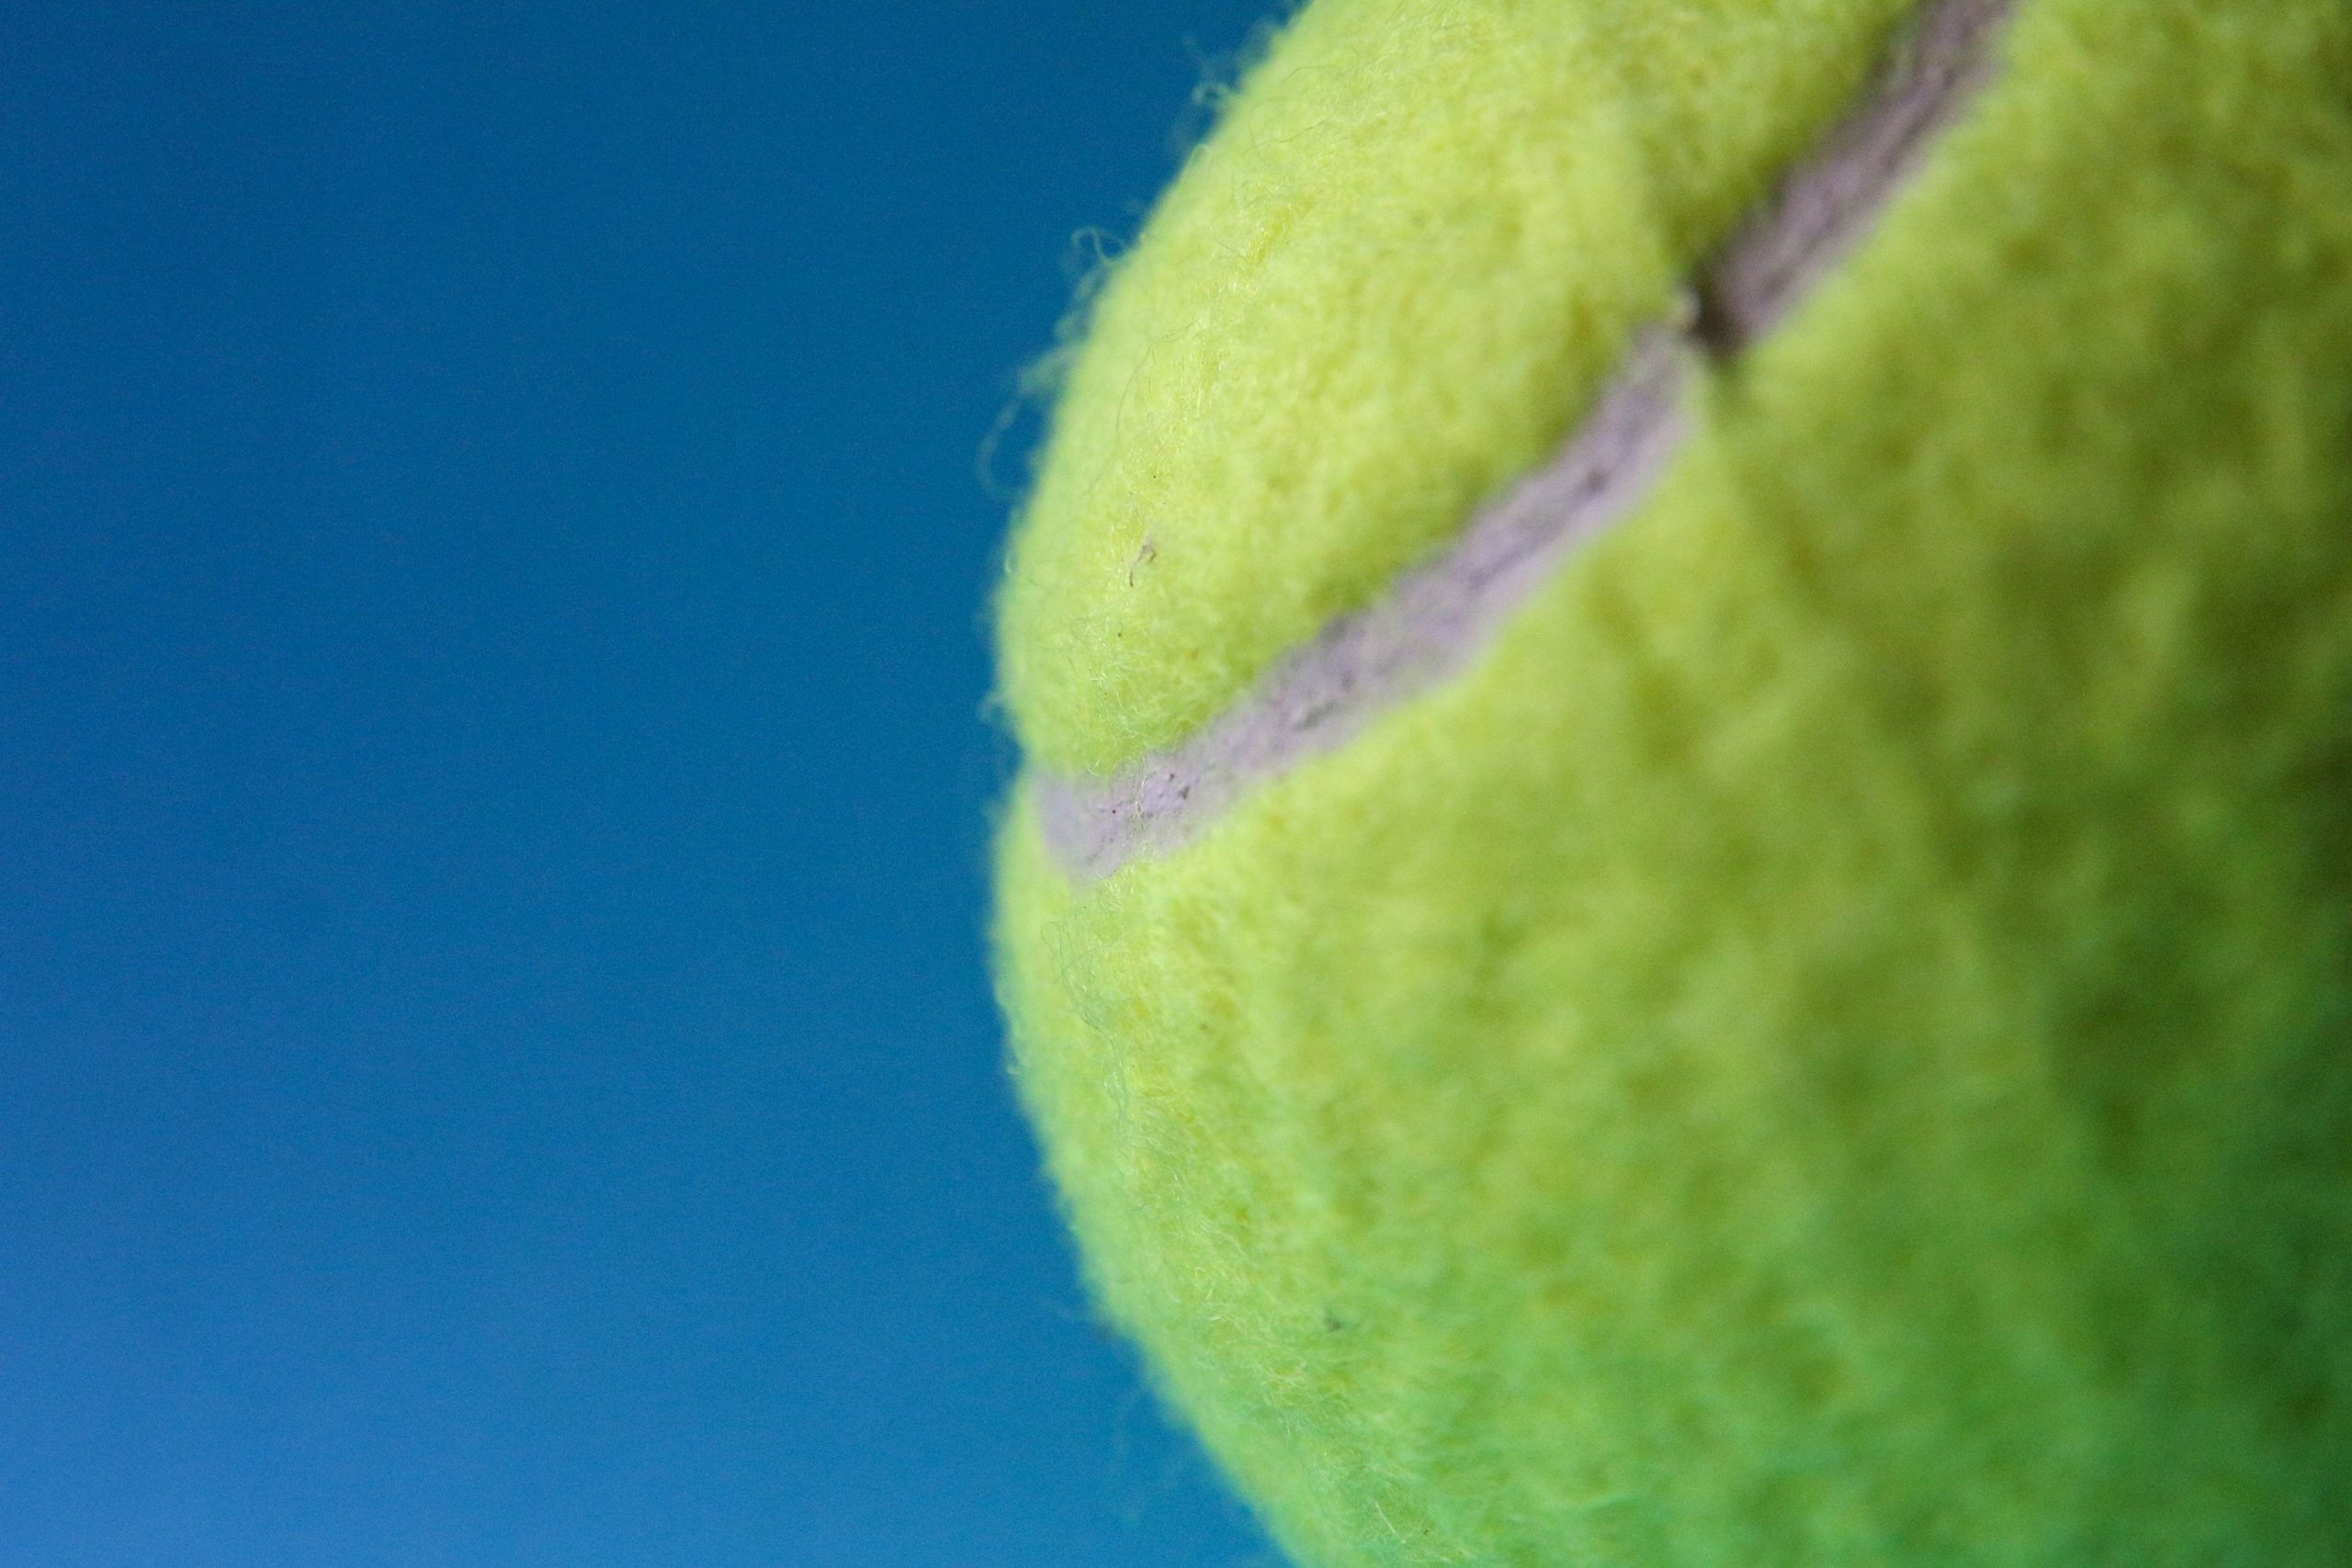 Tennis - green tennis ball on blue textile